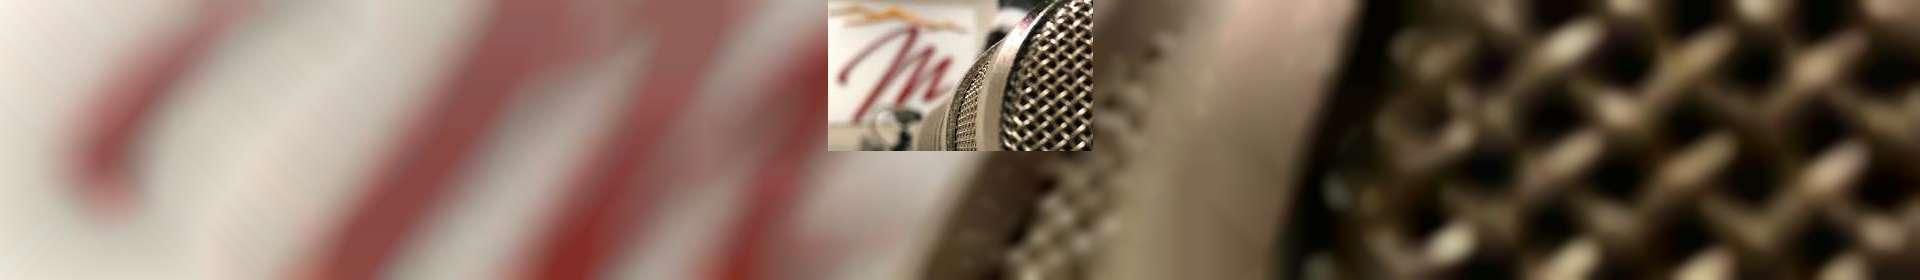 Entrevista: Como será o retorno dos cultos da Igreja Cristã Maranata